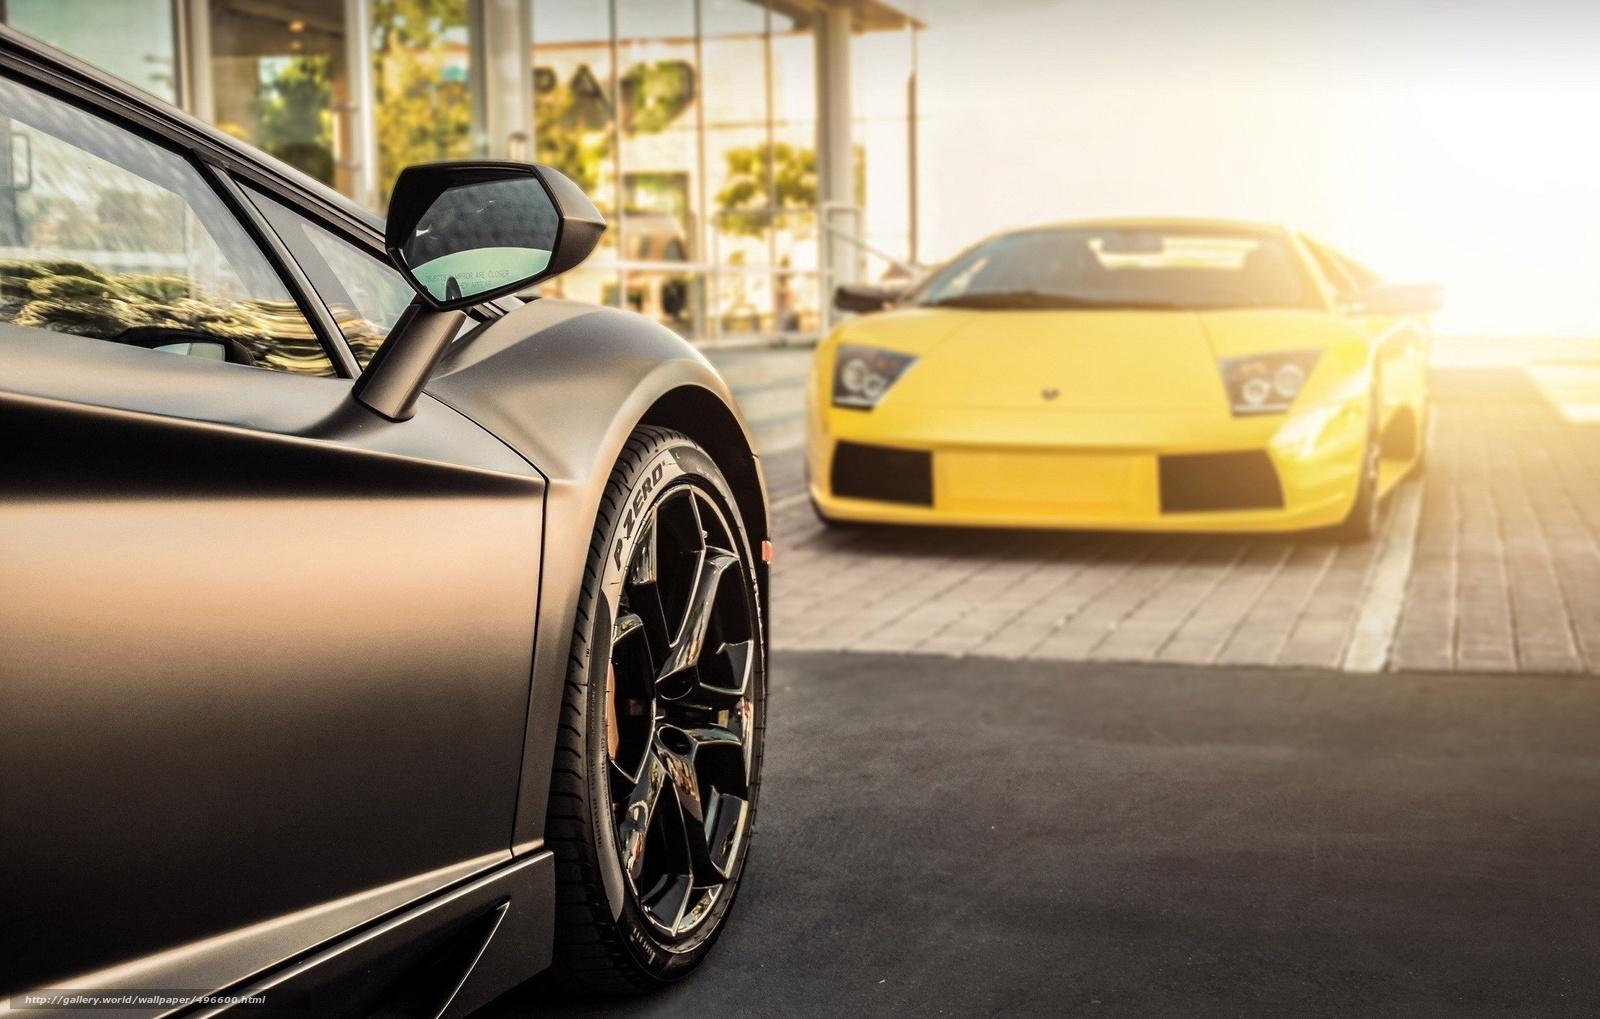 Download Hintergrund Lamborghini,  Auto,  Maschine,  Autos Freie desktop Tapeten in der Auflosung 2048x1304 — bild №496600